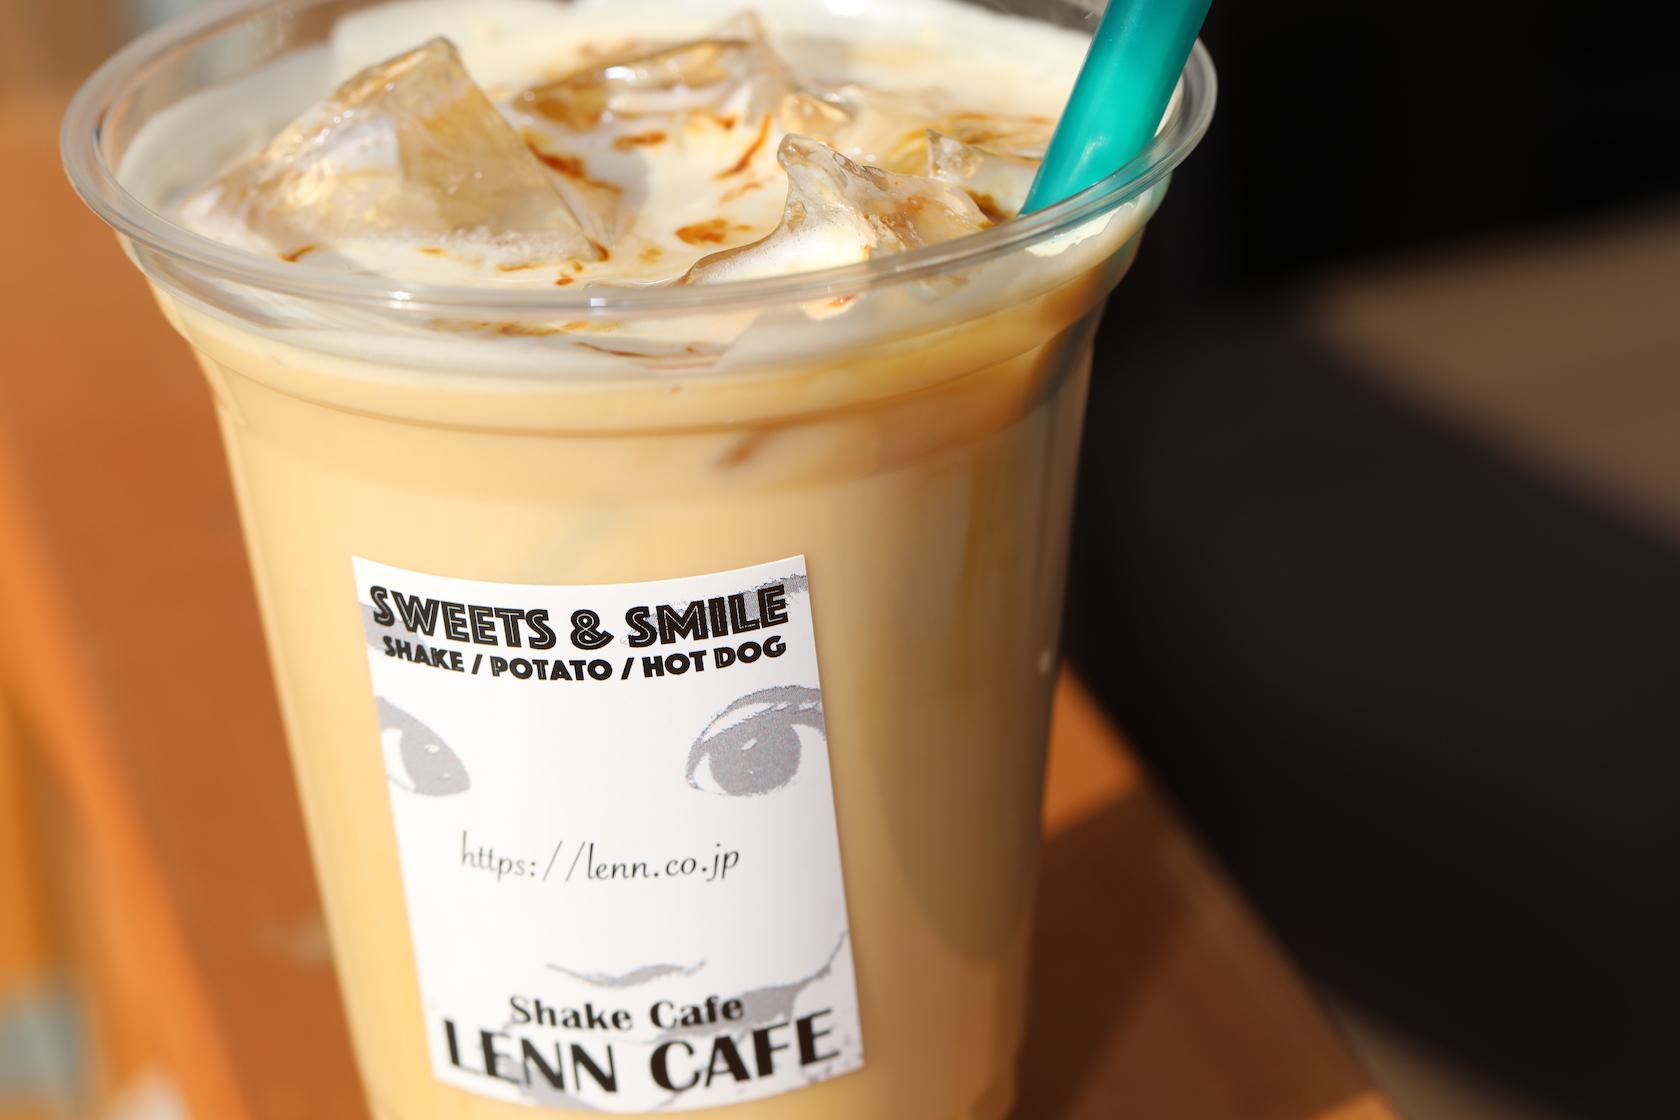 黒糖ラテ(レンカフェ(LENN CAFE)Latte)2